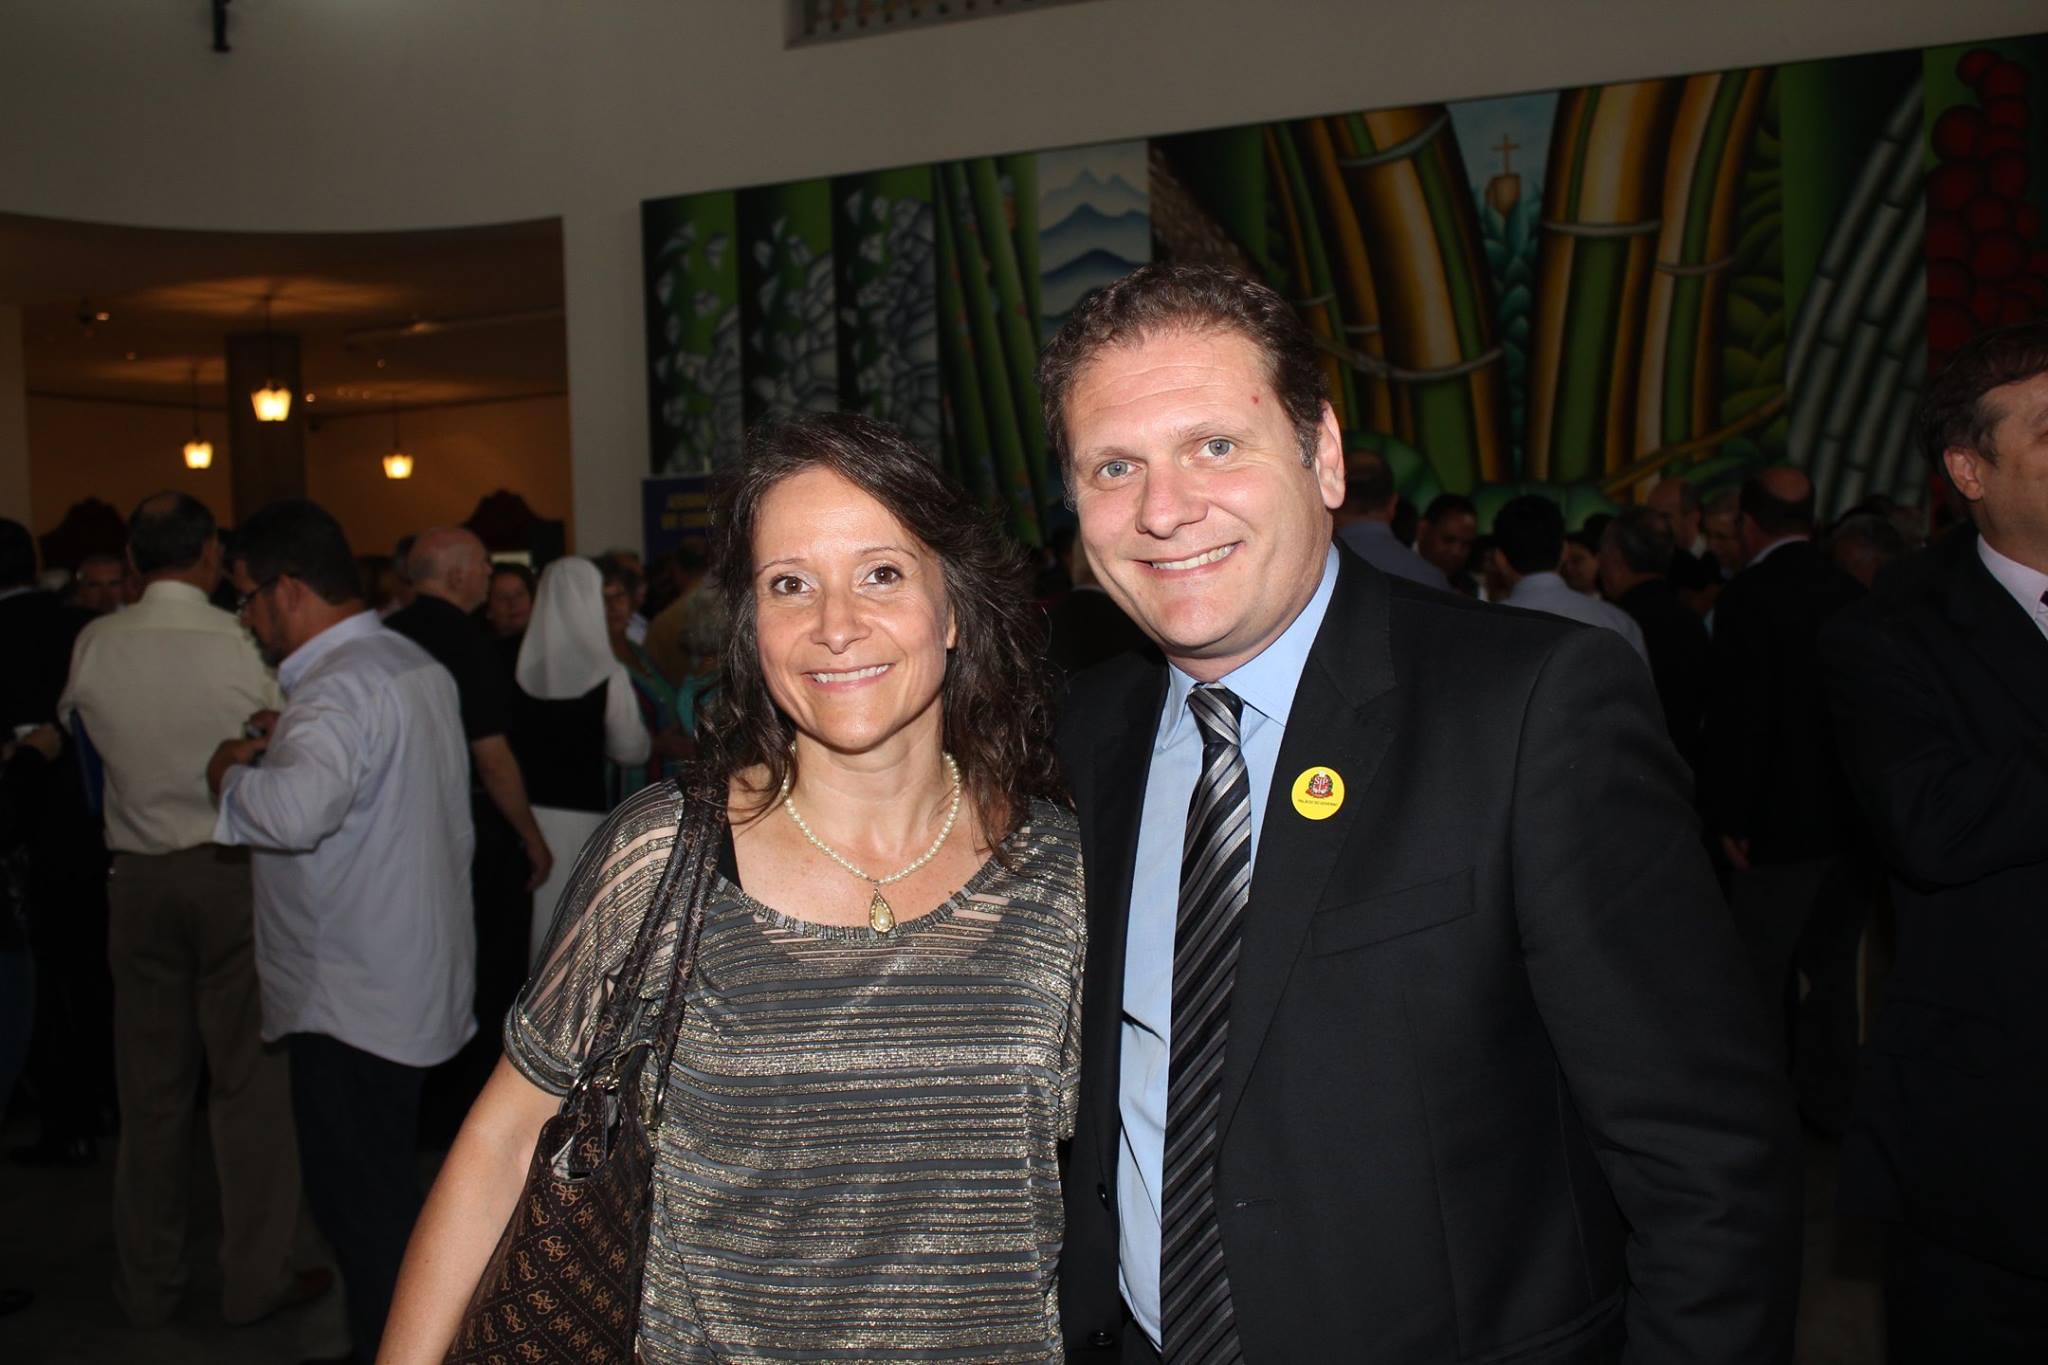 Tânia Maria Franca Lopes Silva - Presidente da APAE e Fred Guidoni - Prefeito de Campos do Jordão